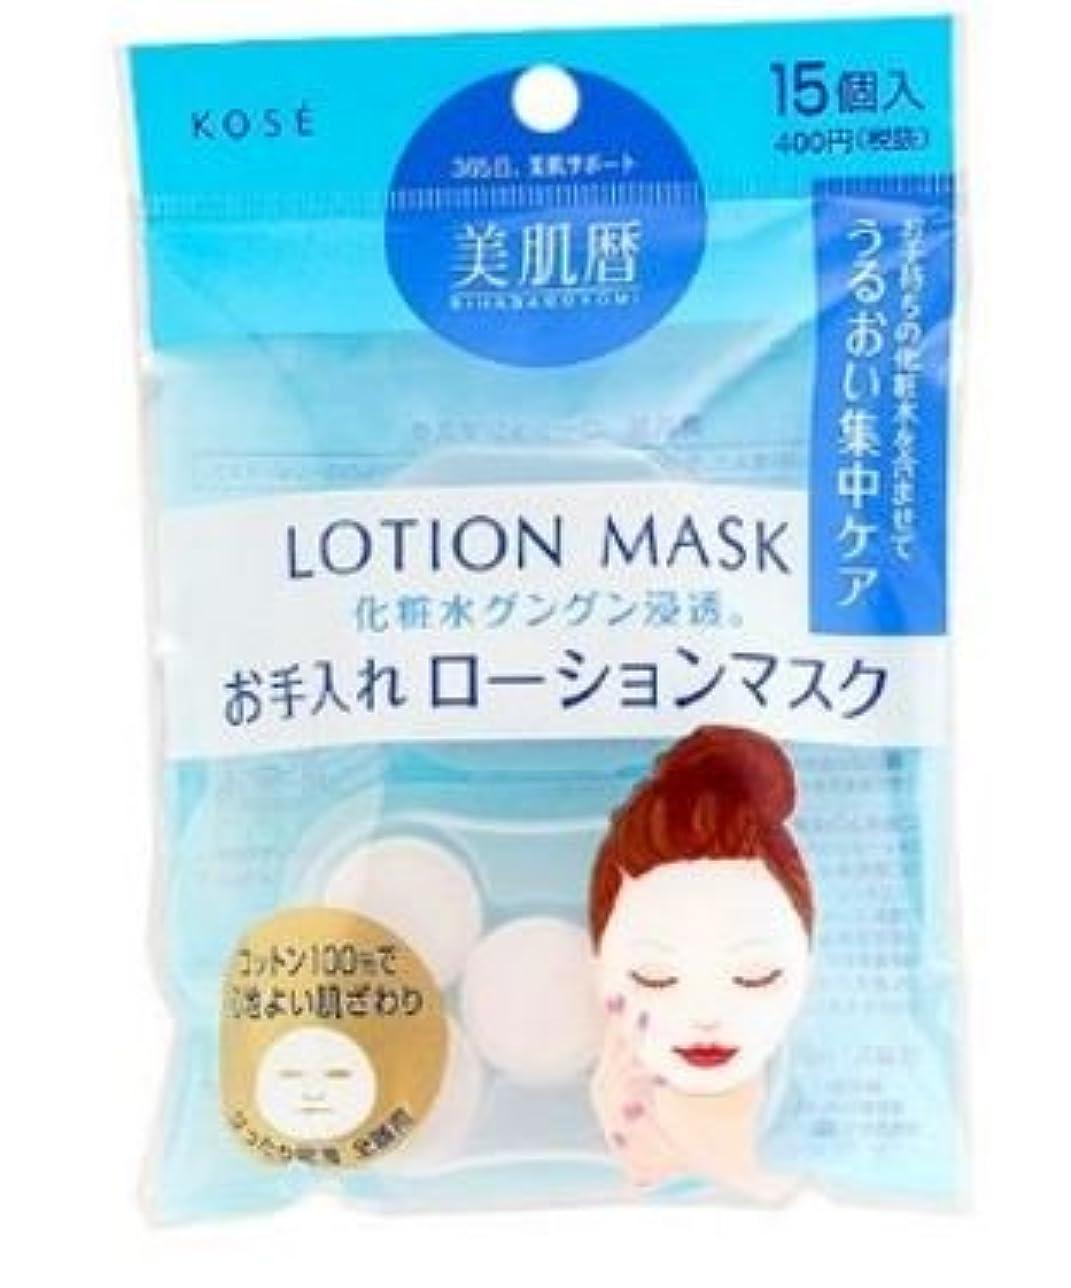 コーセー 美肌暦 ローションマスク<15個入> x 2個セット